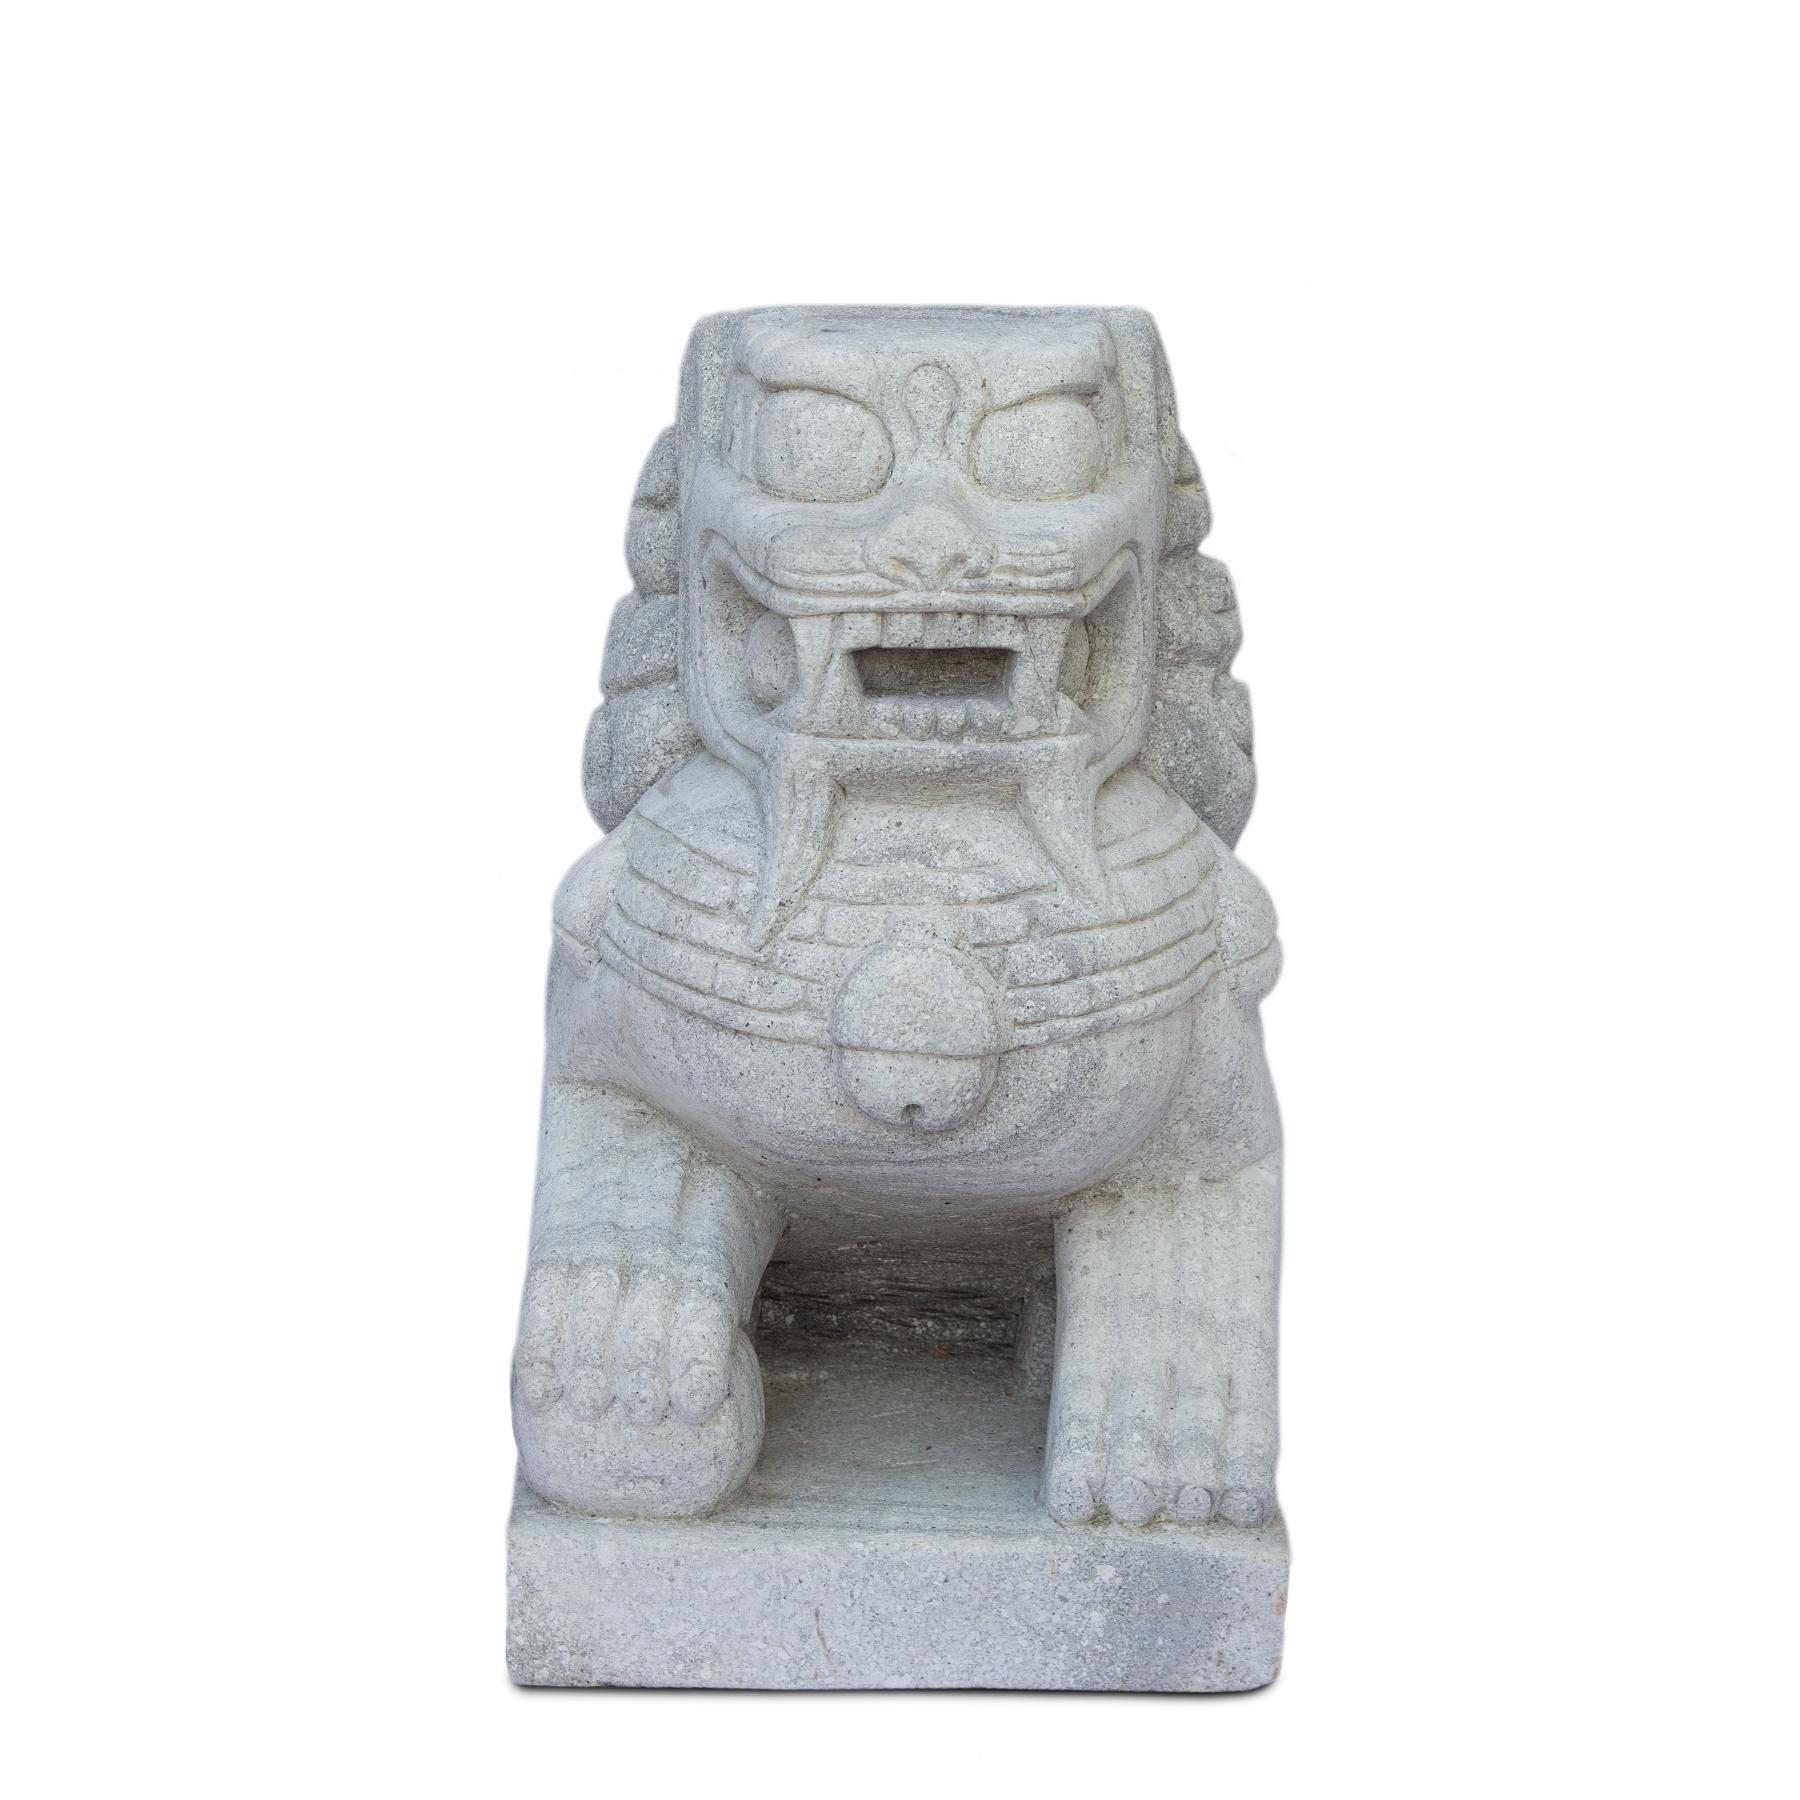 Fu Hund Wächterlöwe Skulptur Tempelwächter Rechts ca. 64 cm Wetterfest Stein-Gemisch massiv Grau – Bild 2